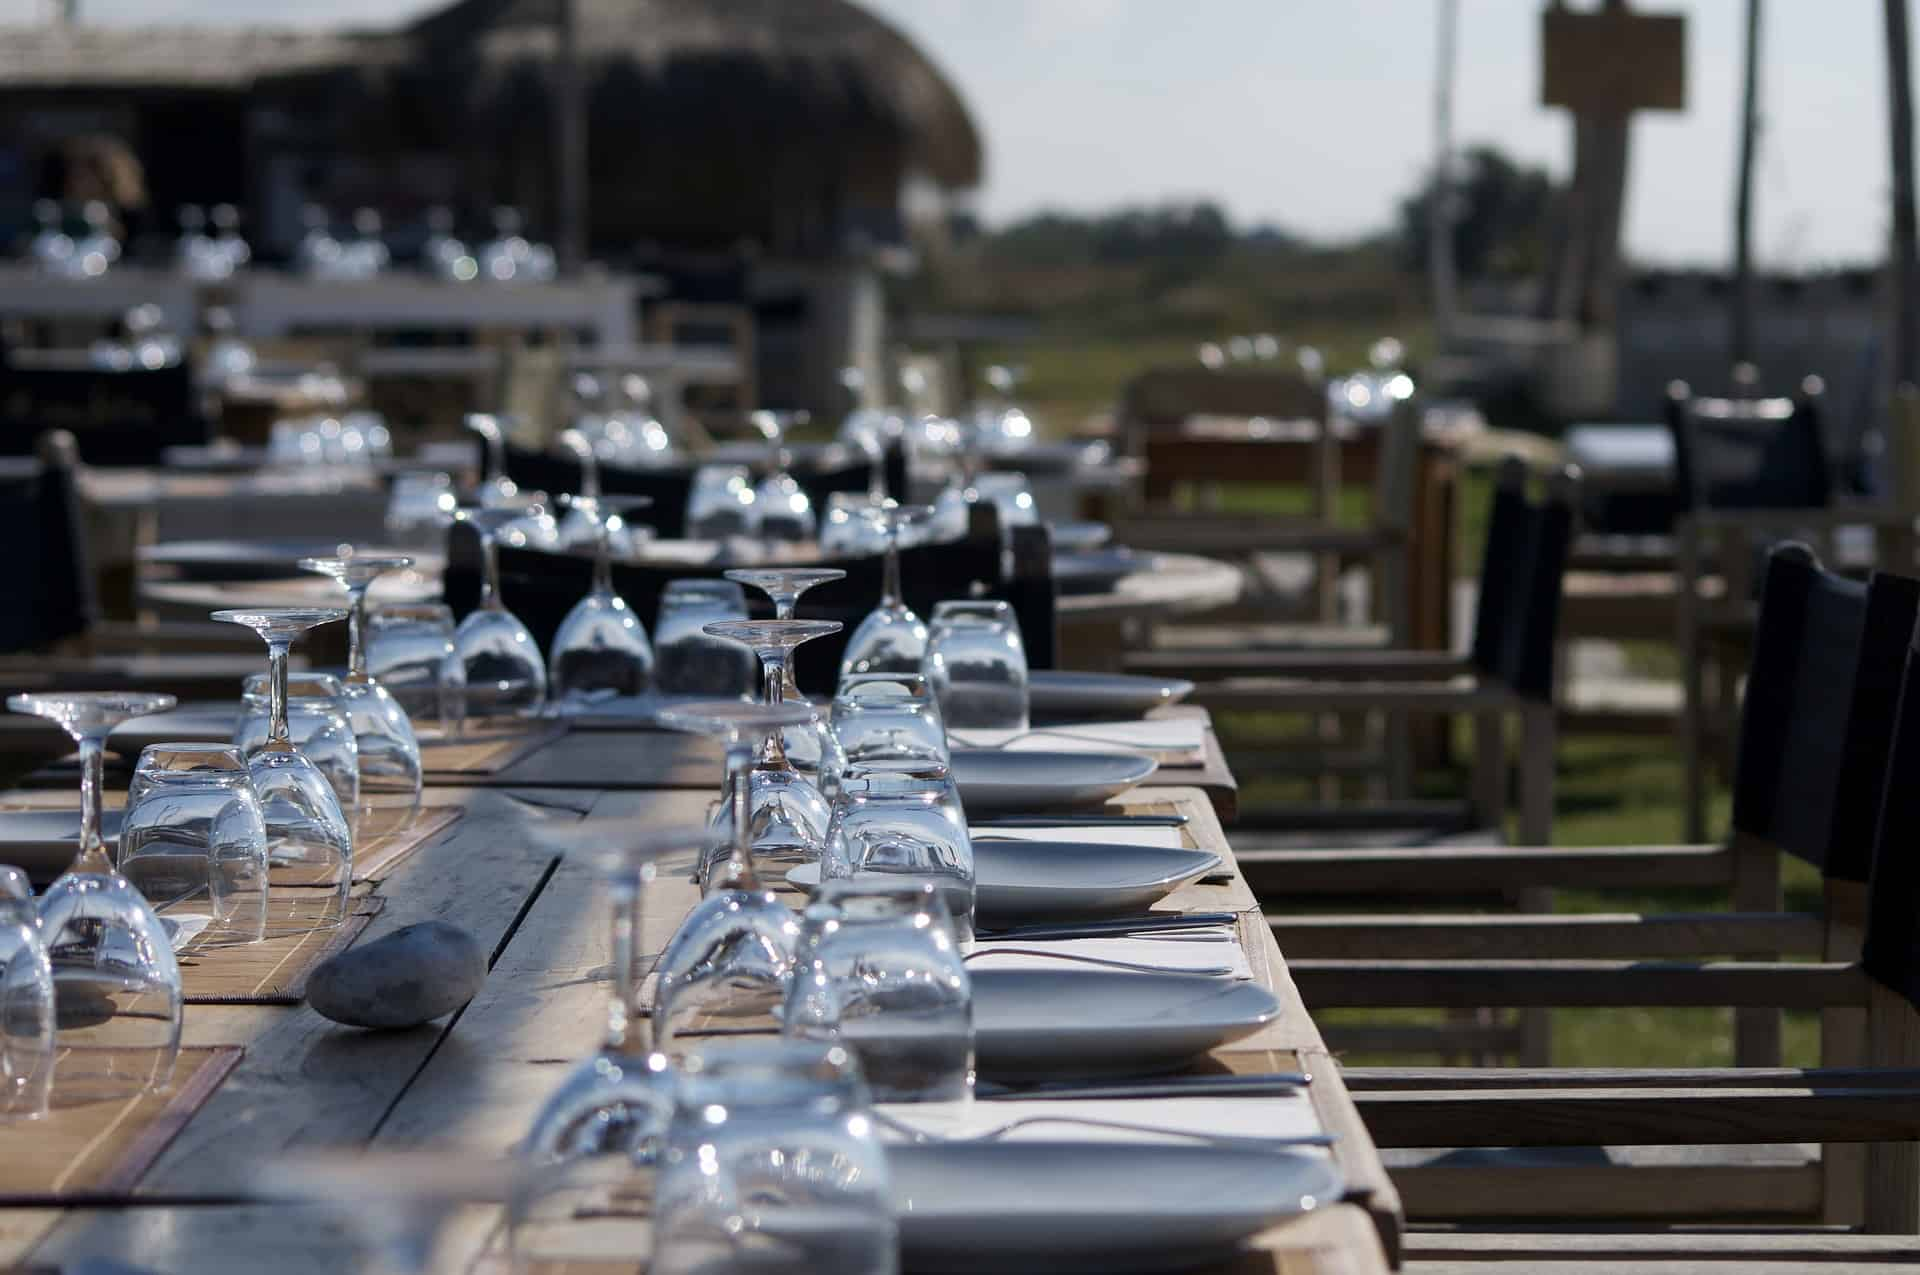 Se mangiare al ristorante con le nuove regole in fase 2 diventa un incubo non un'occasione di relax